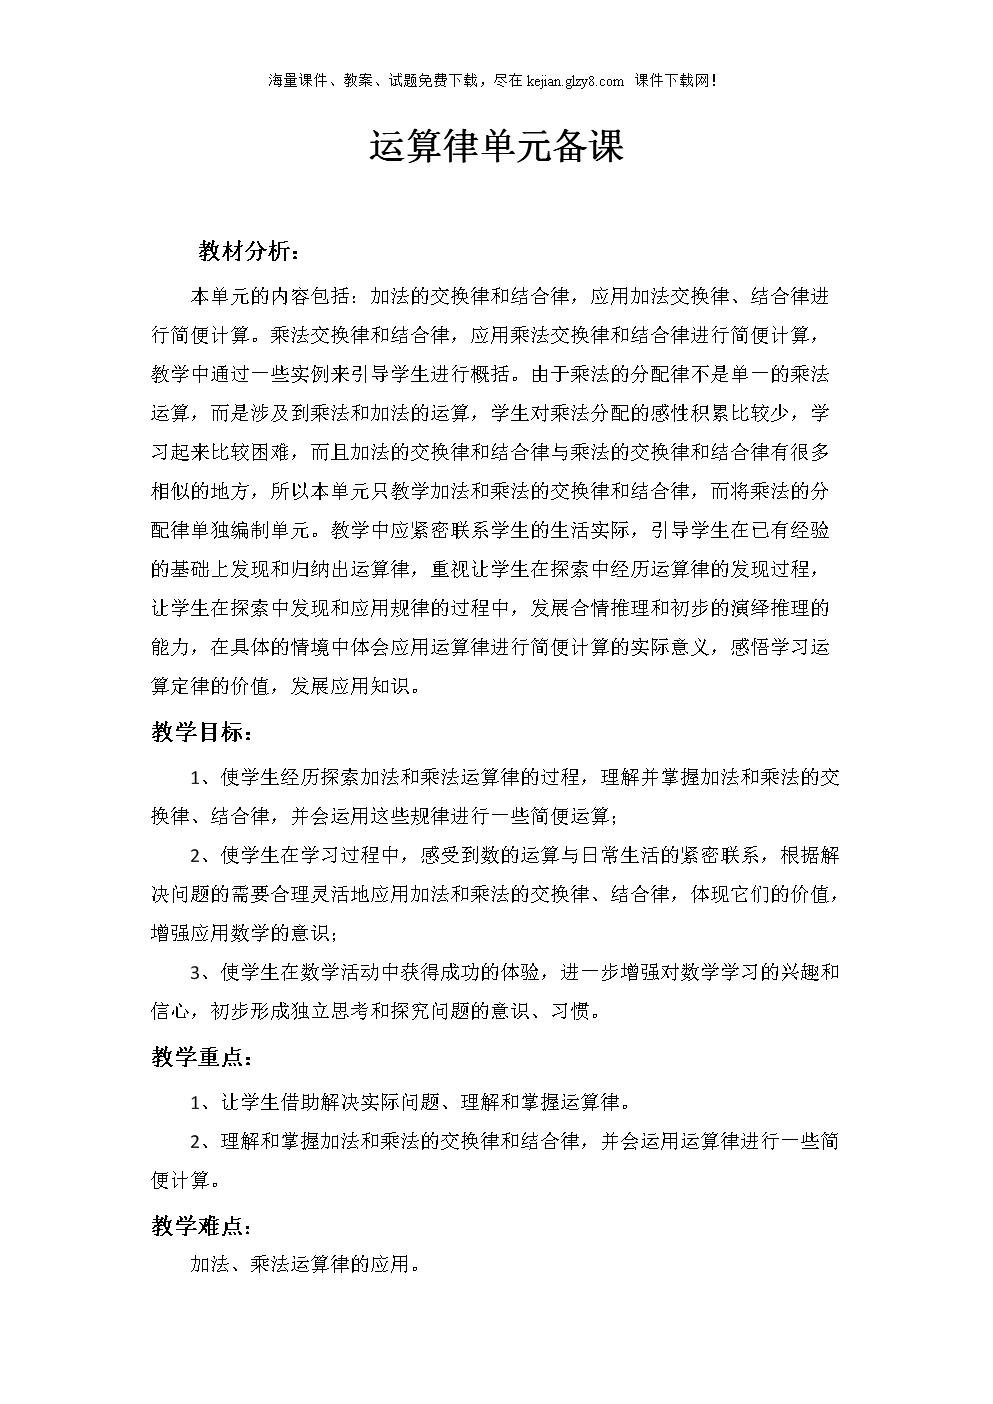 2015苏教版四级数学下册六单元 运算律教案.doc图片